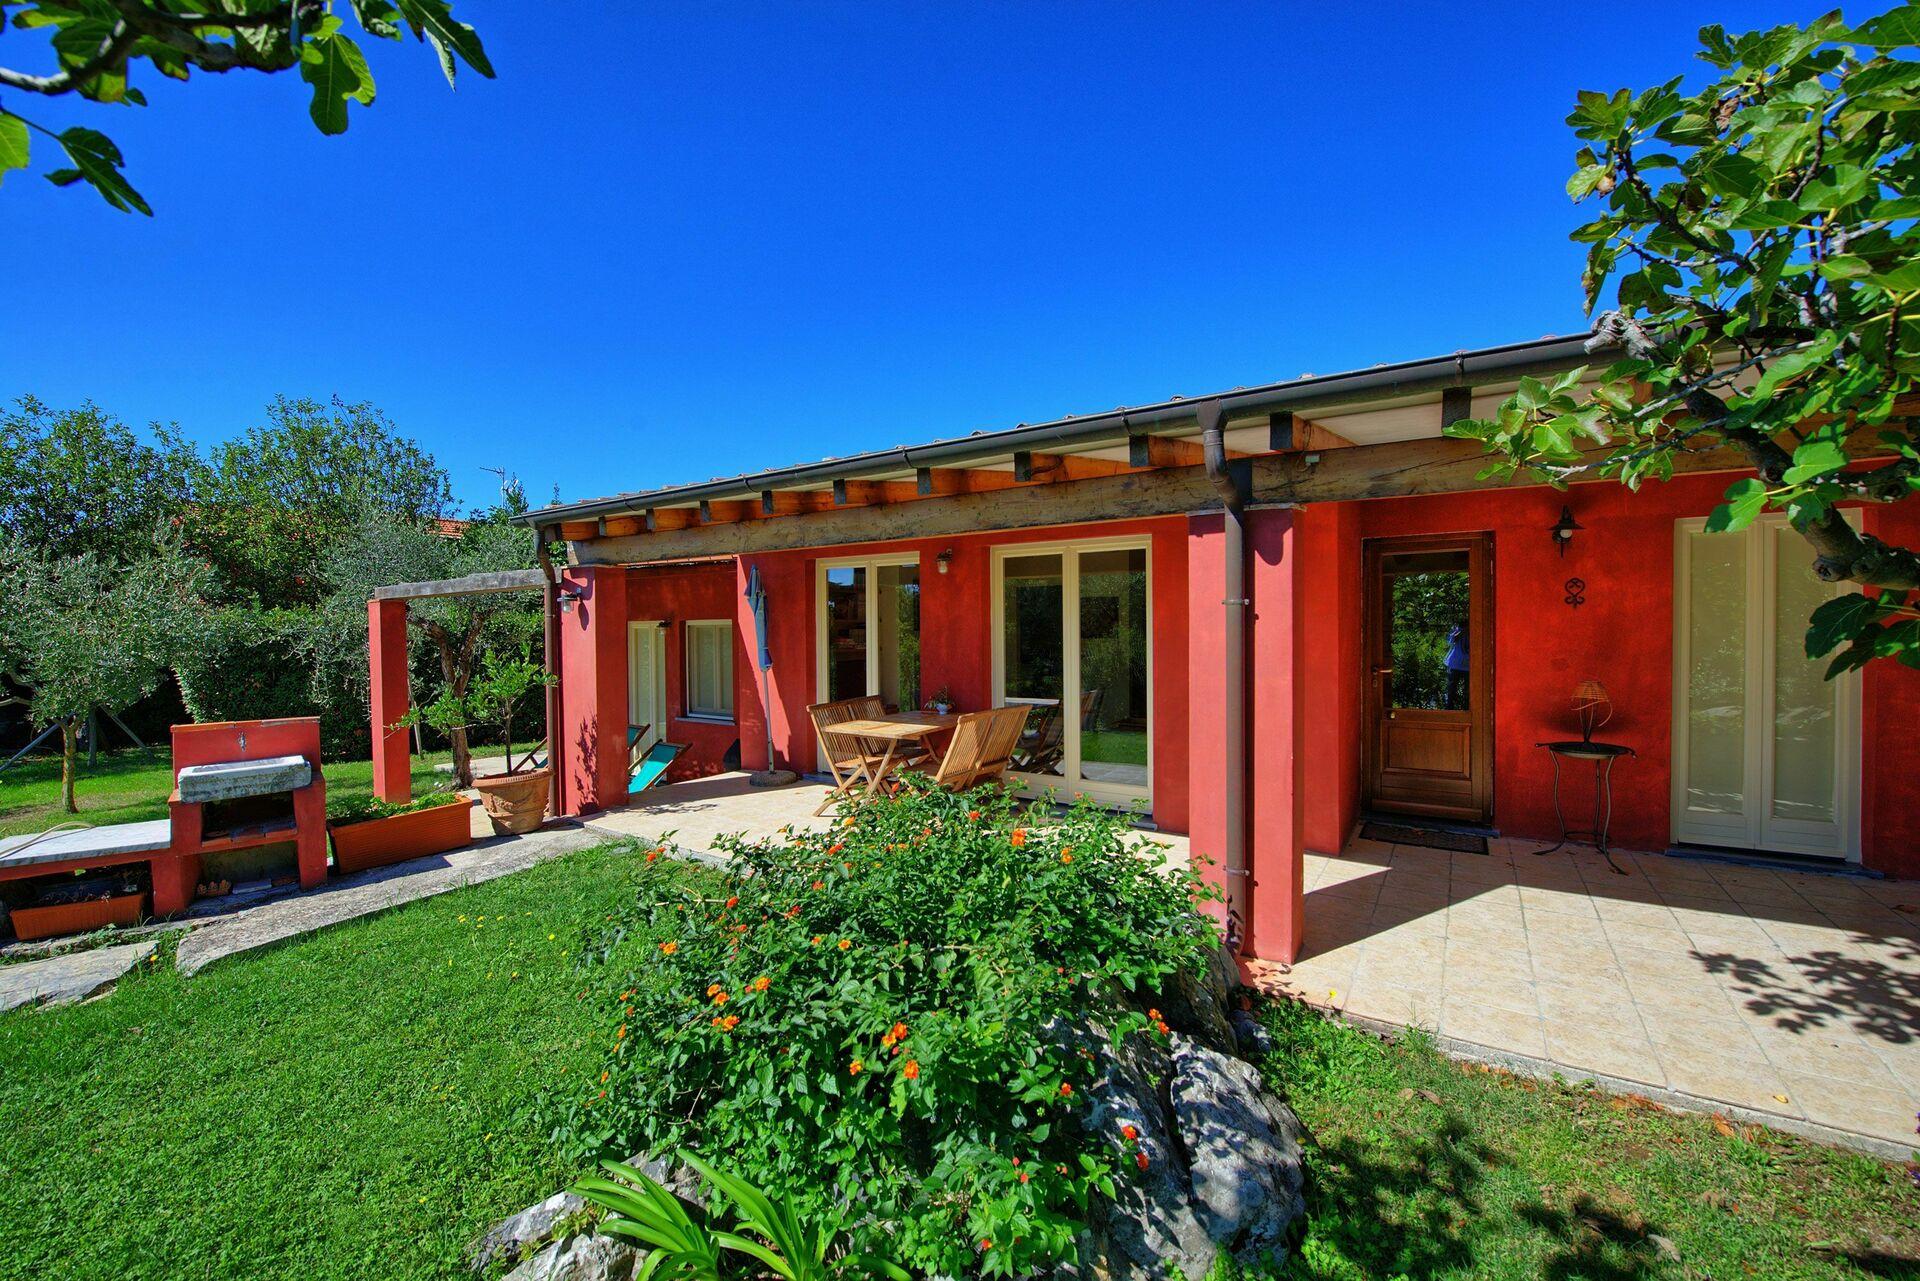 la rocca rossa villa vacation rental in monte marcello. Black Bedroom Furniture Sets. Home Design Ideas